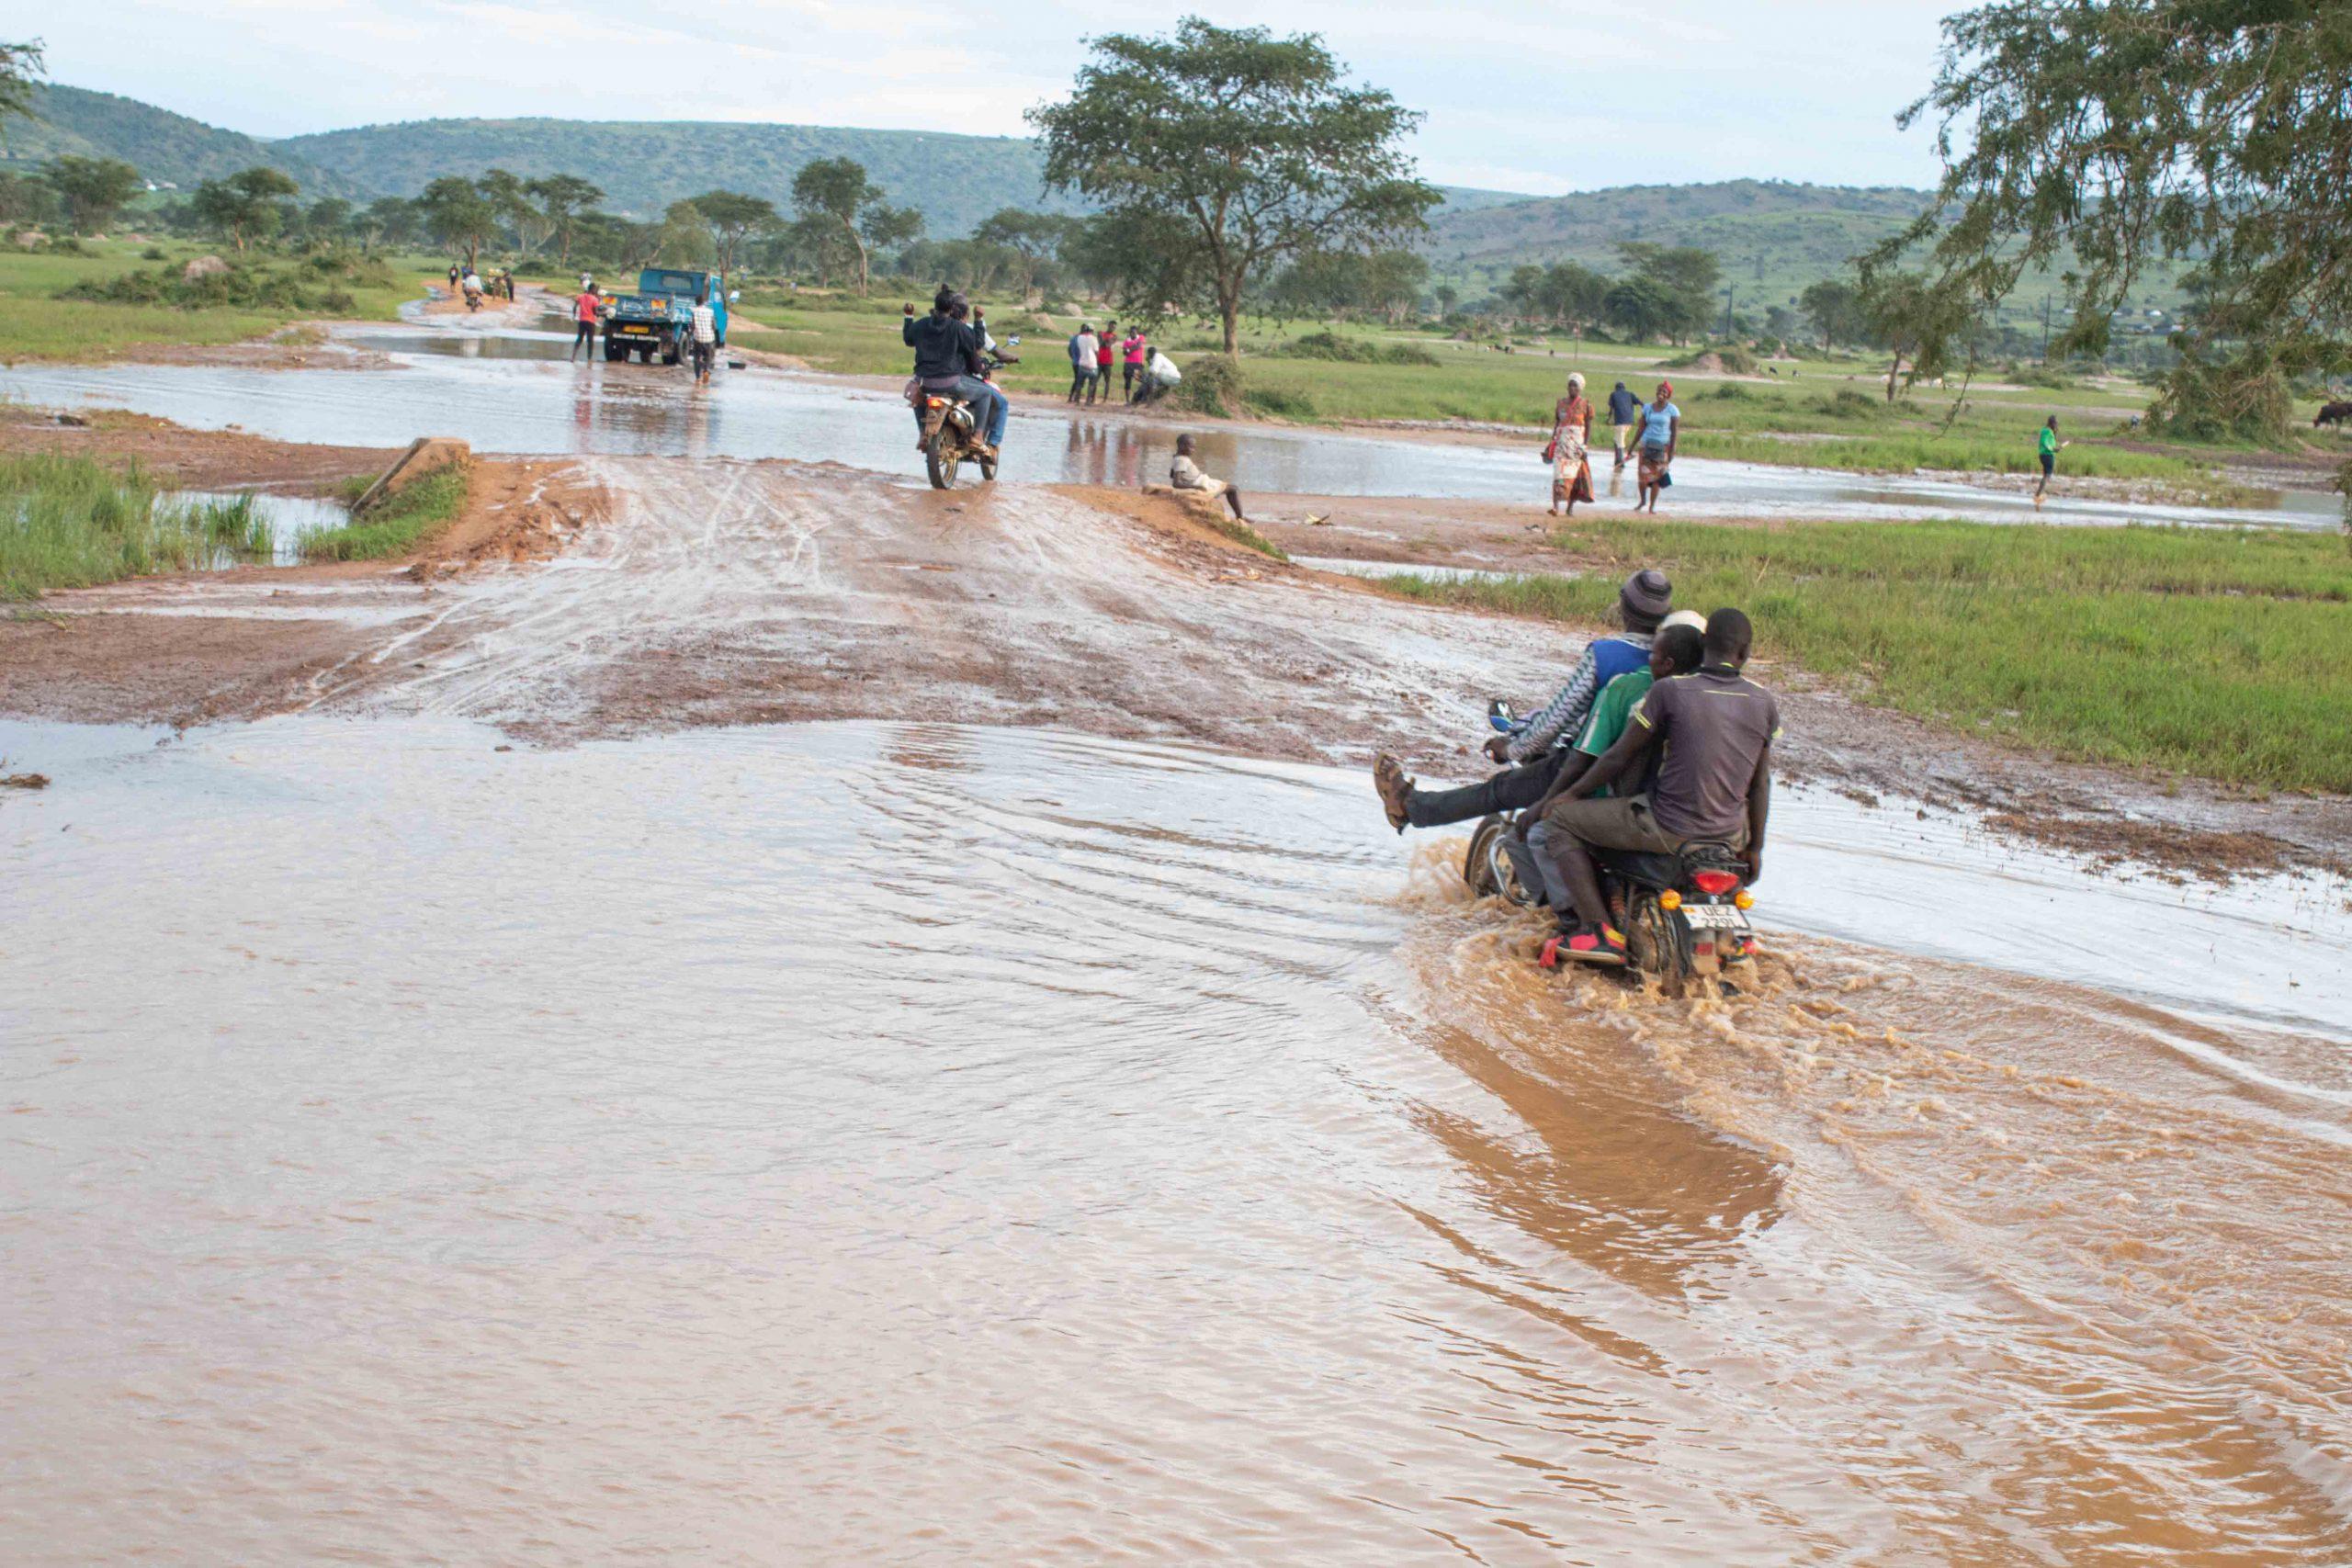 Motorcycle-in-Water-onendavid.com